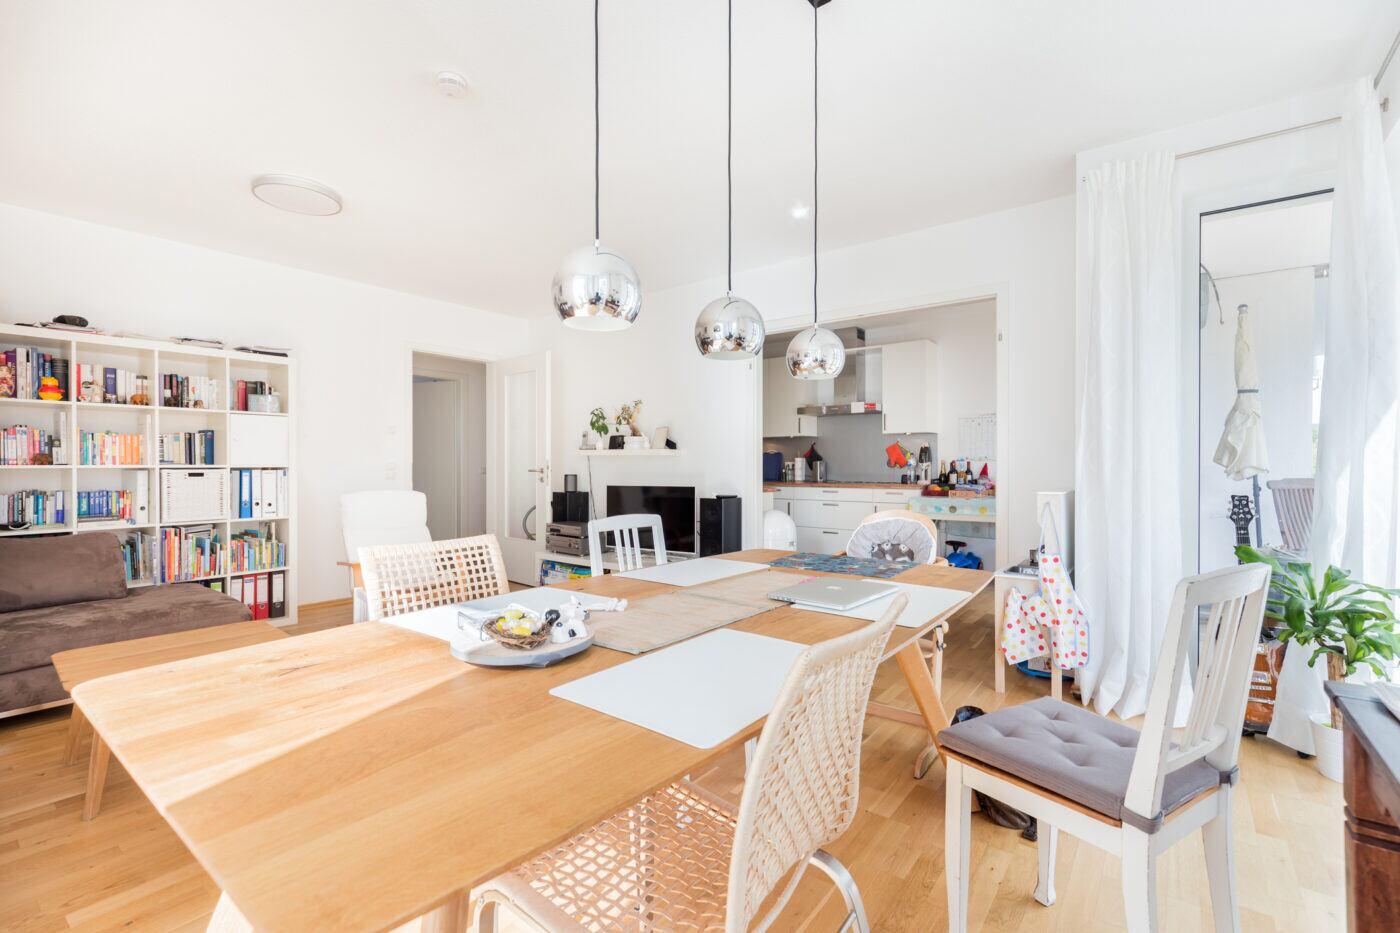 Wohnküche einrichten 7 Tipps einer Interior Designerin   myHOMEBOOK